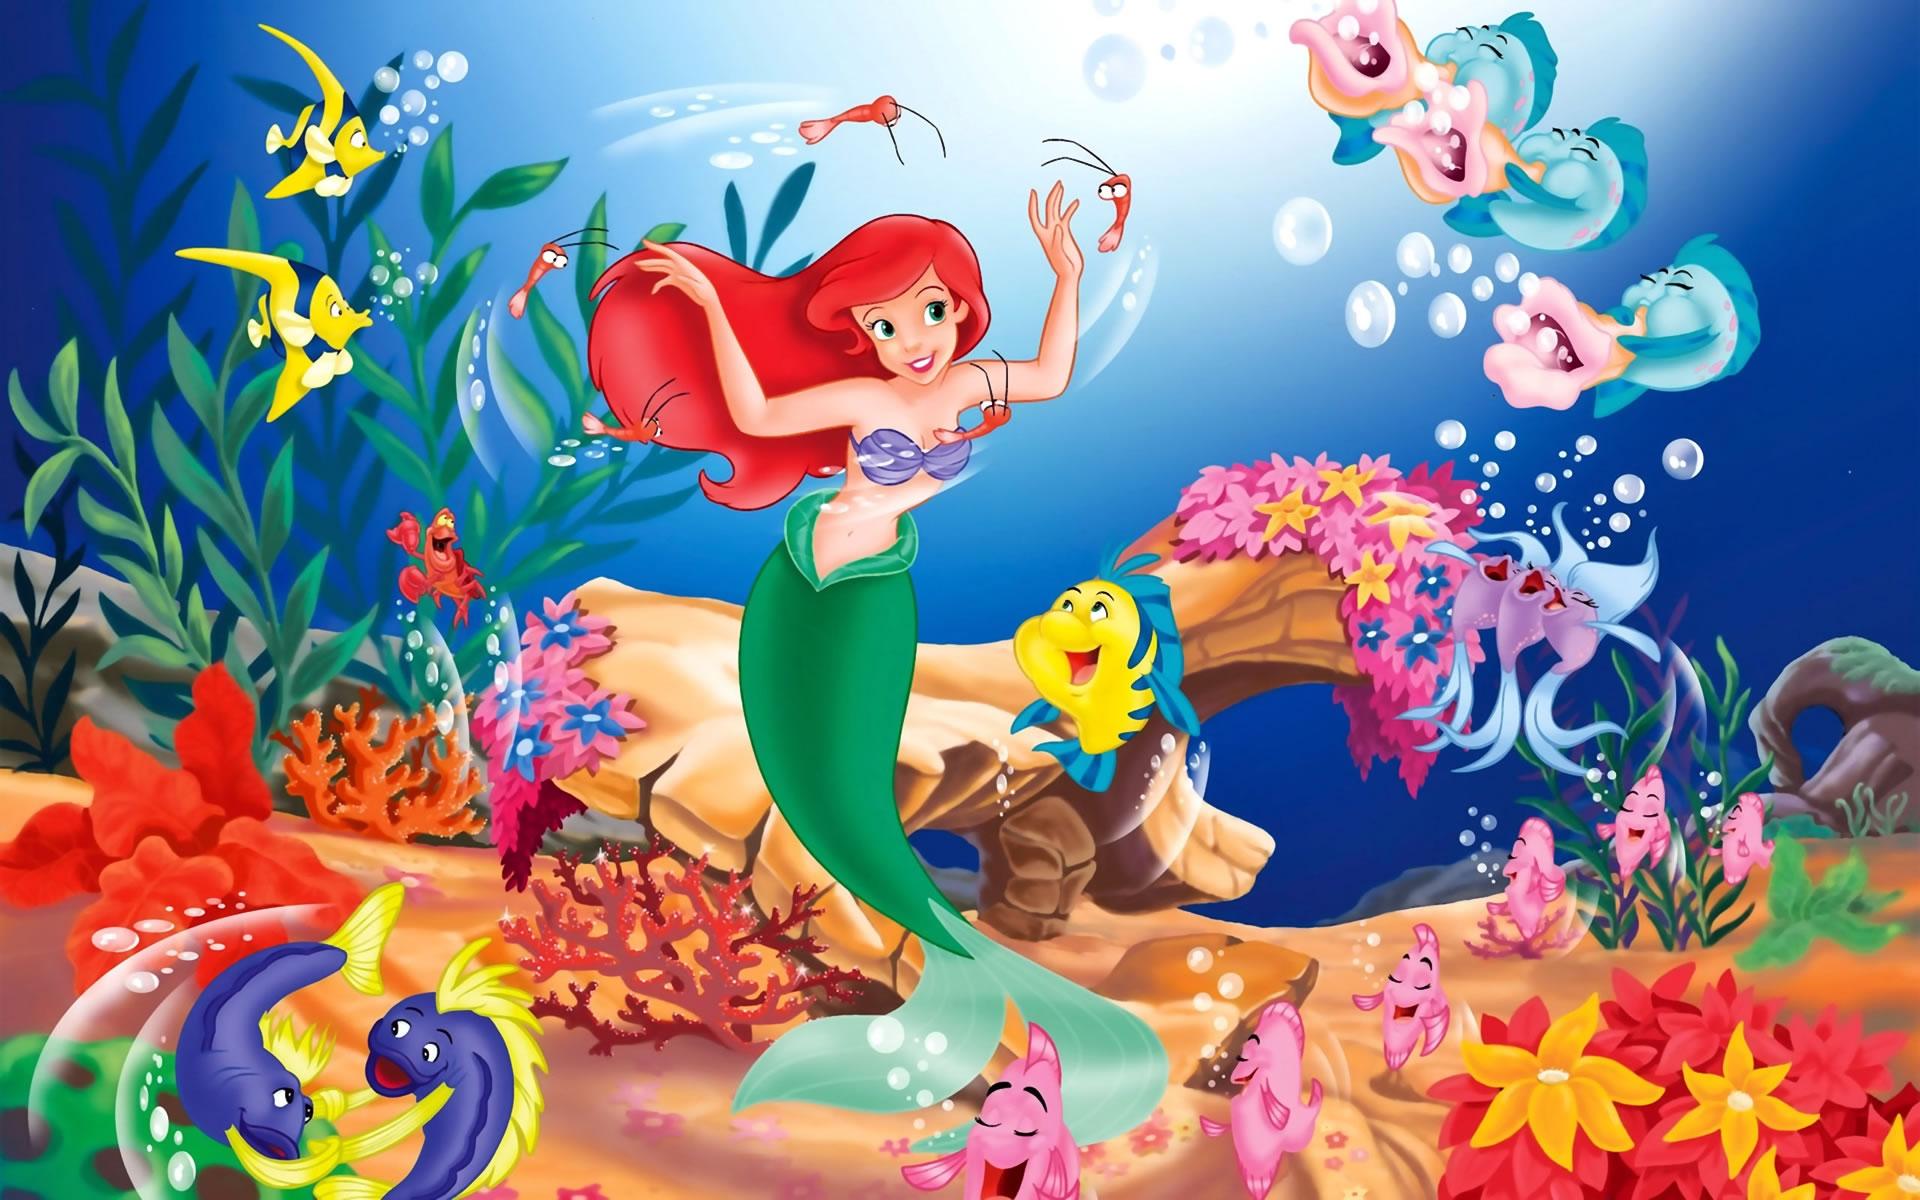 La Sirenita Wallpapers Disney   Wallpapers 1920x1200